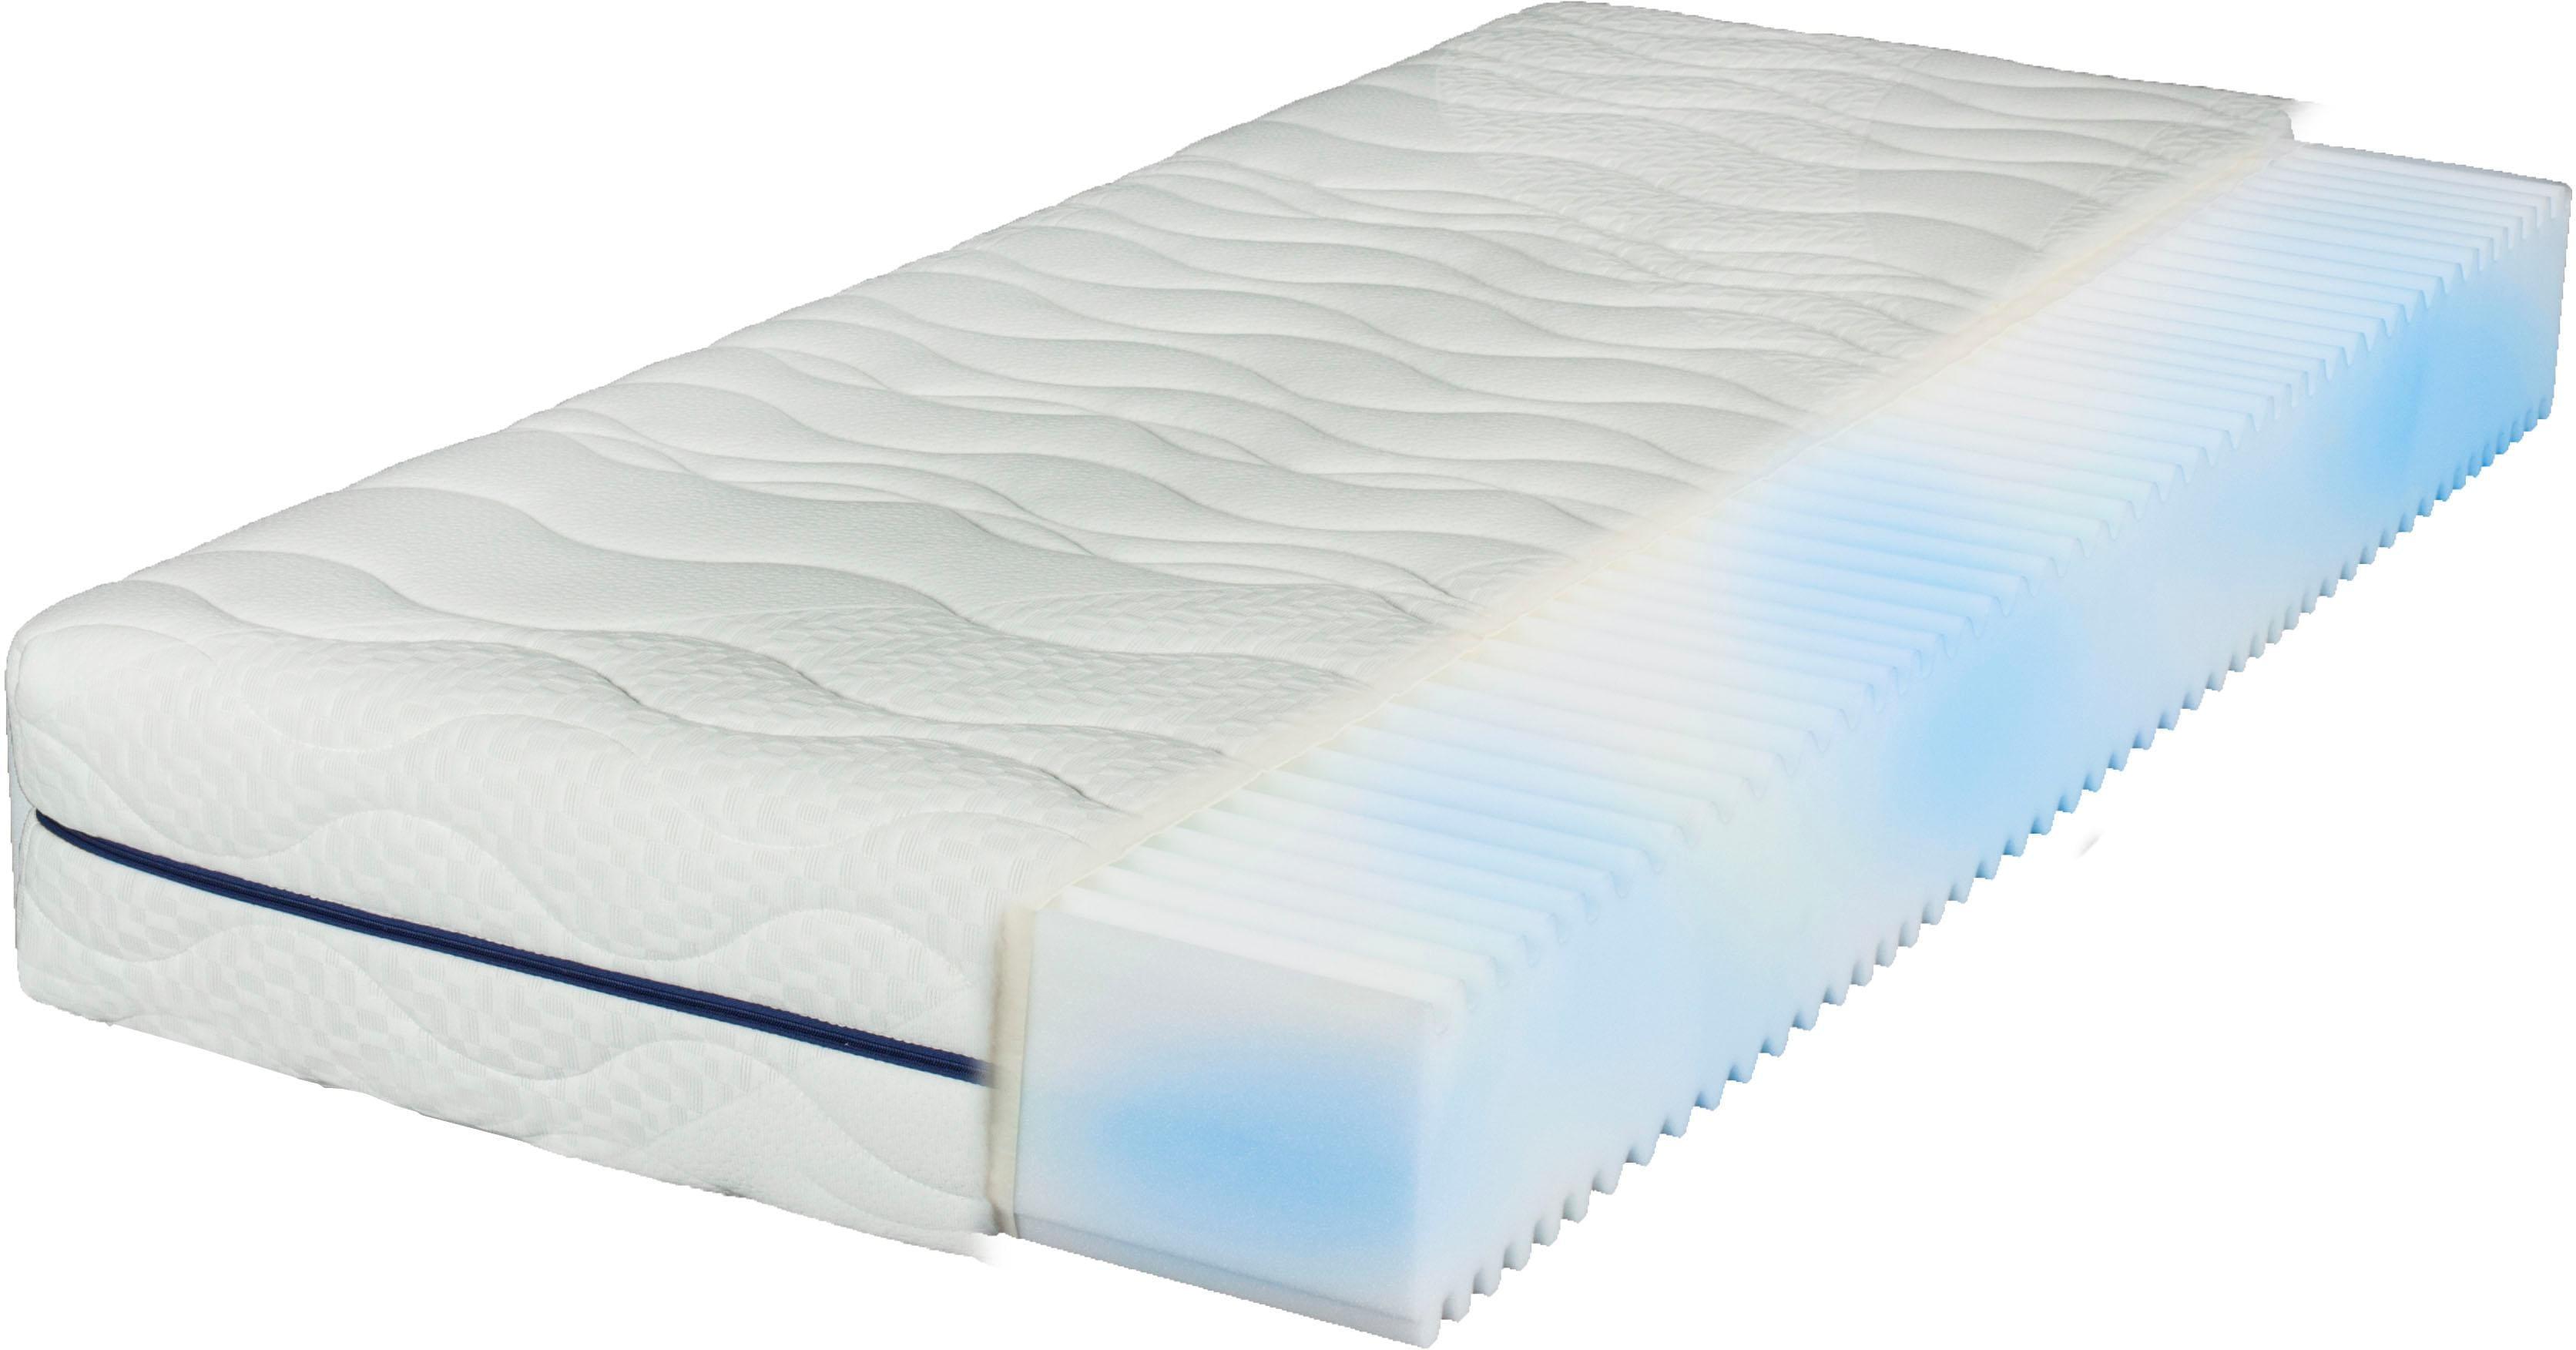 Komfortschaummatratze EvoX 17 Breckle 17 cm hoch